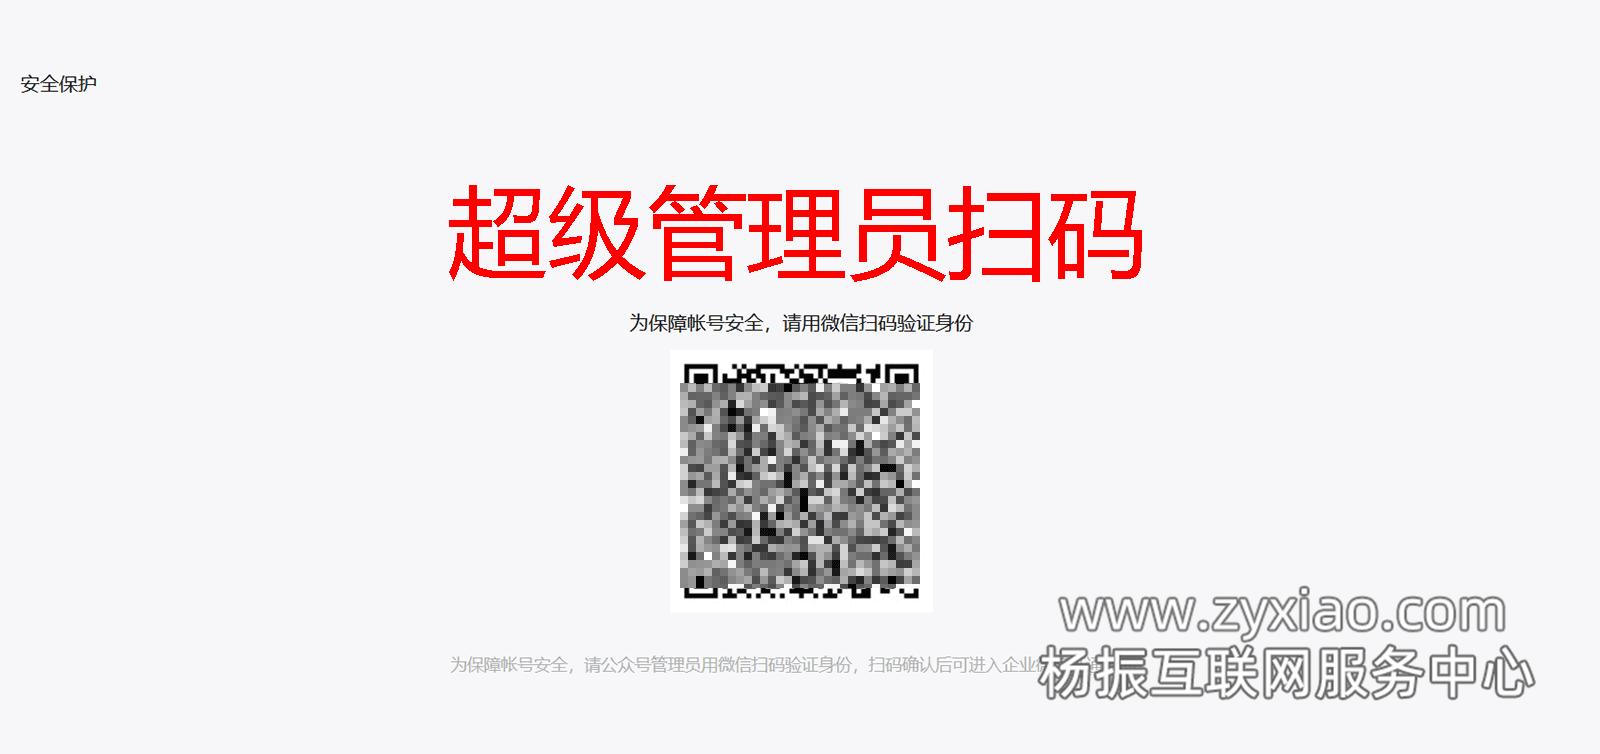 企业微信的注册开通、申请认证